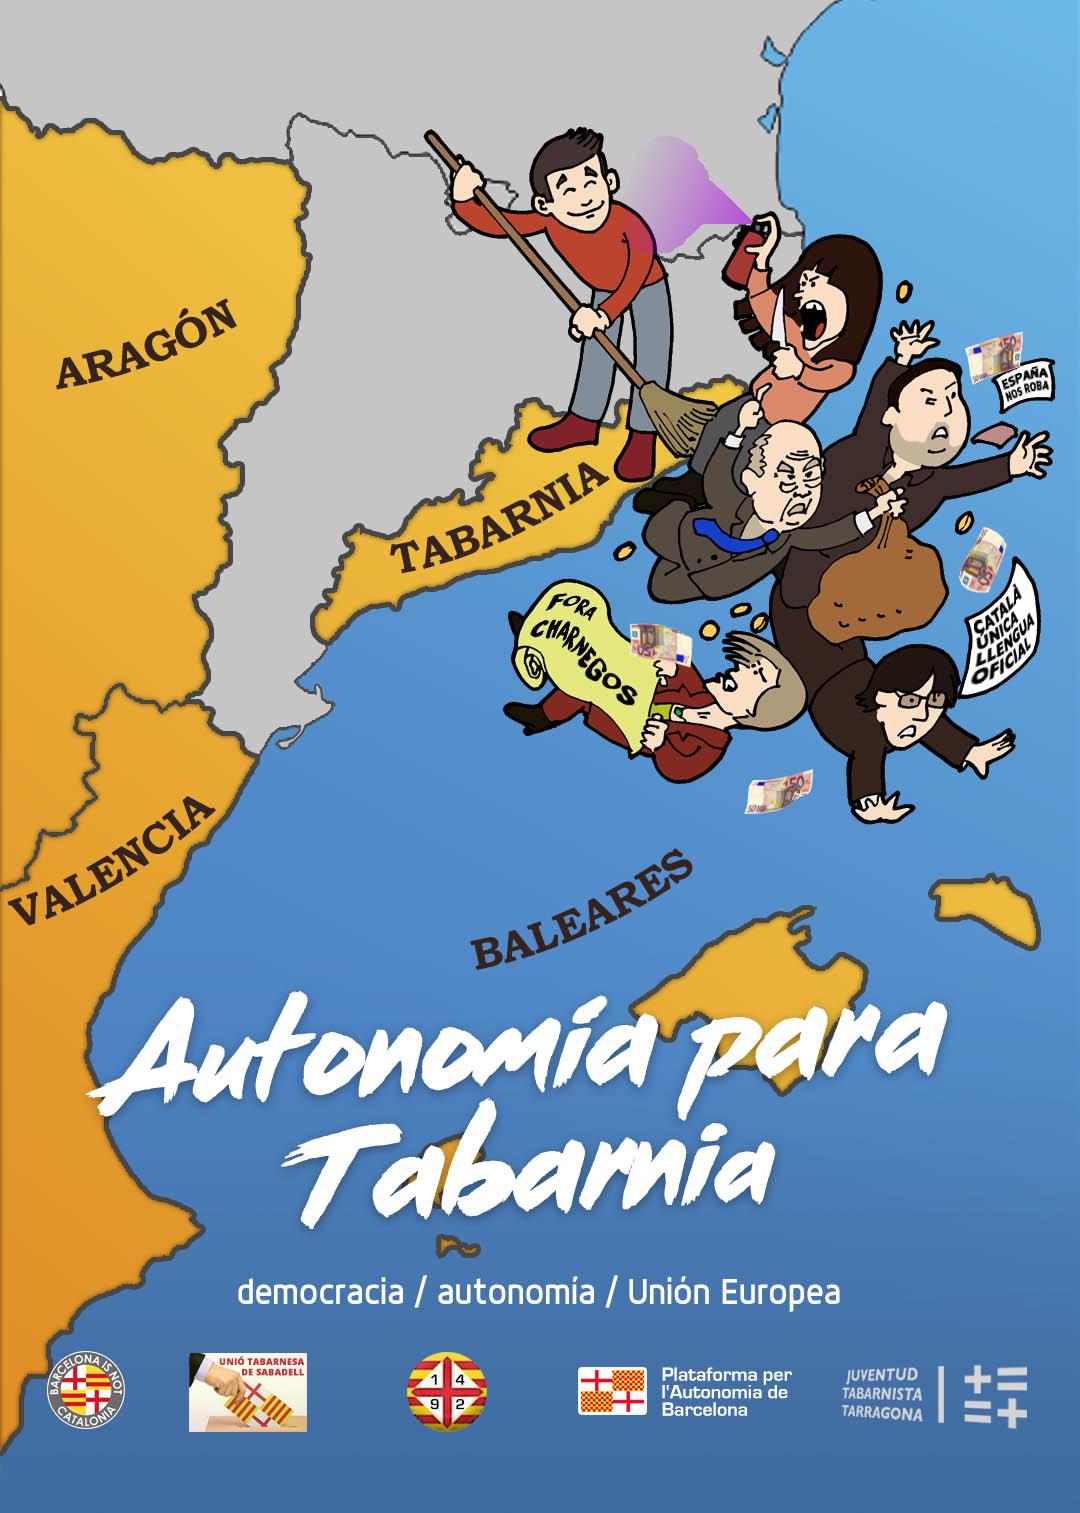 'TABARNIA' PONE DE LOS NERVIOS A LOS INDEPENDENTISTAS CATALANES